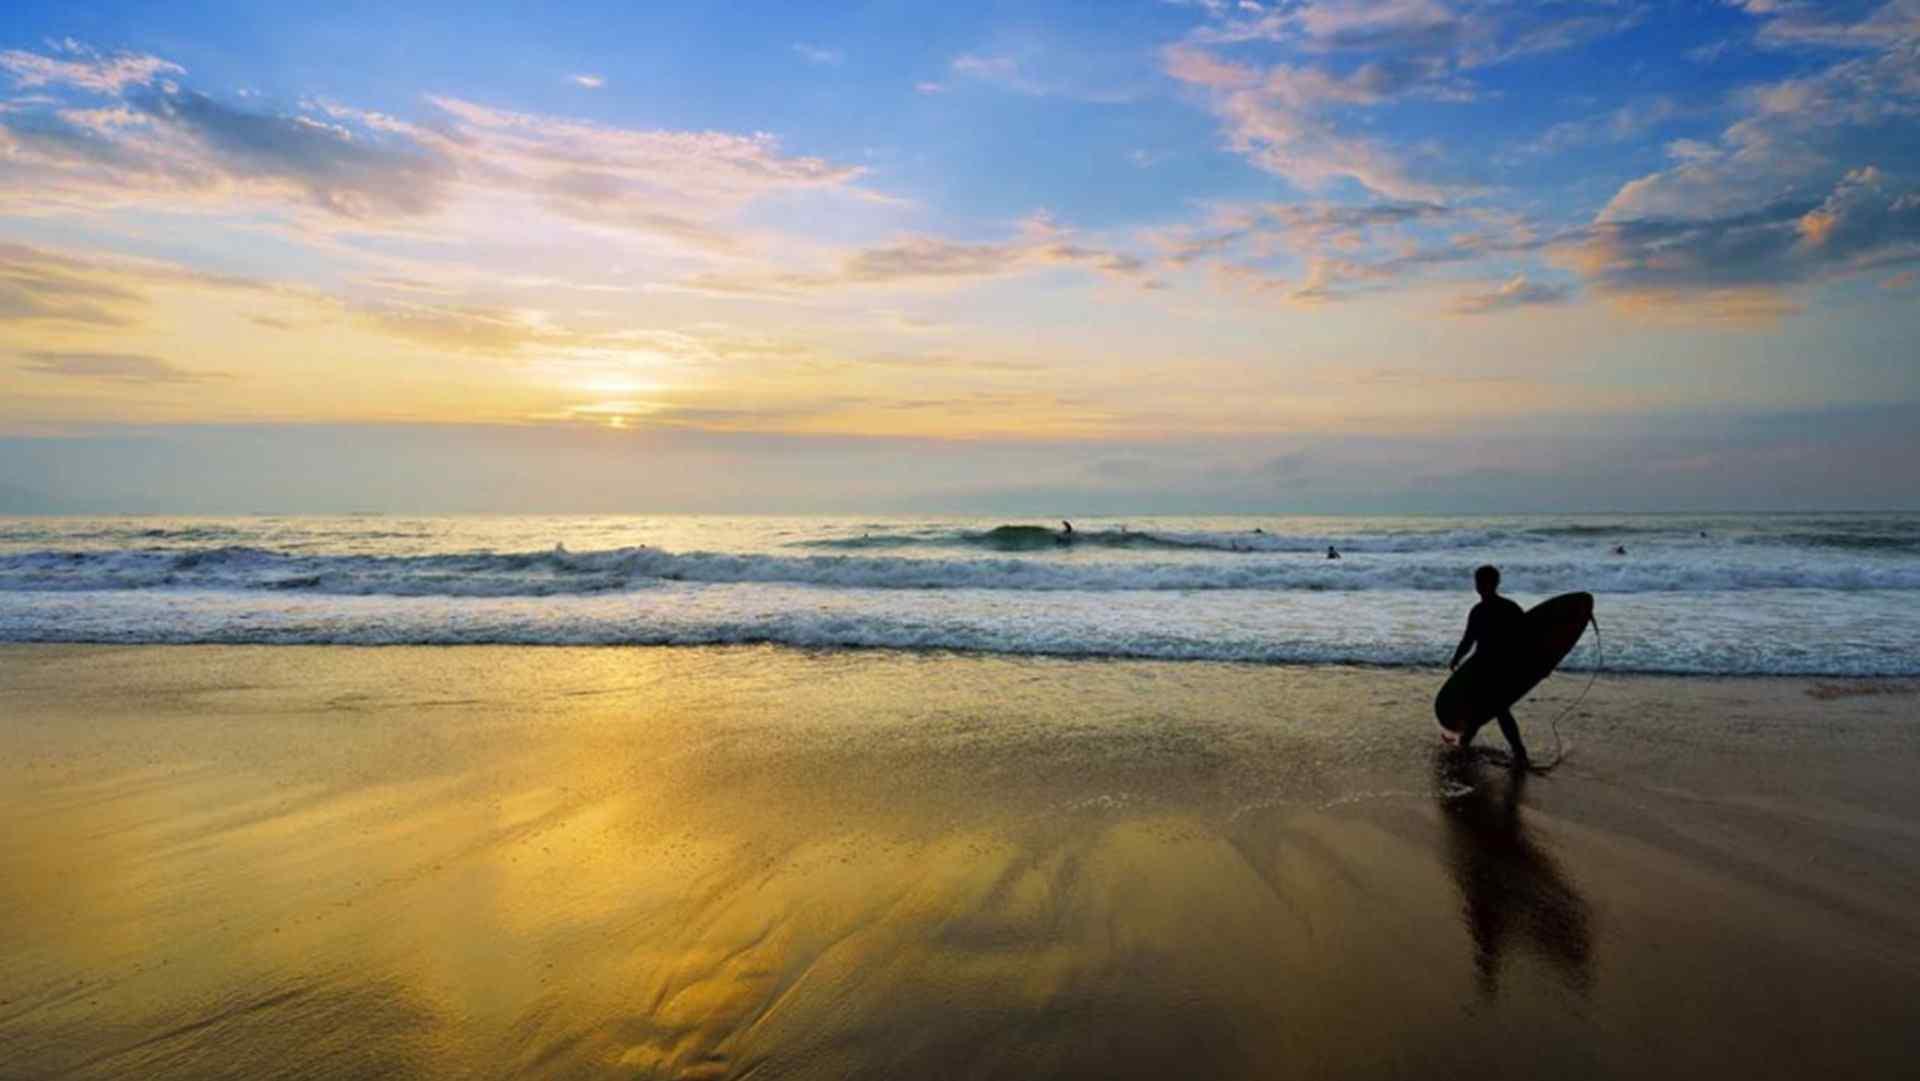 美丽的海边晚霞风景高清桌面壁纸